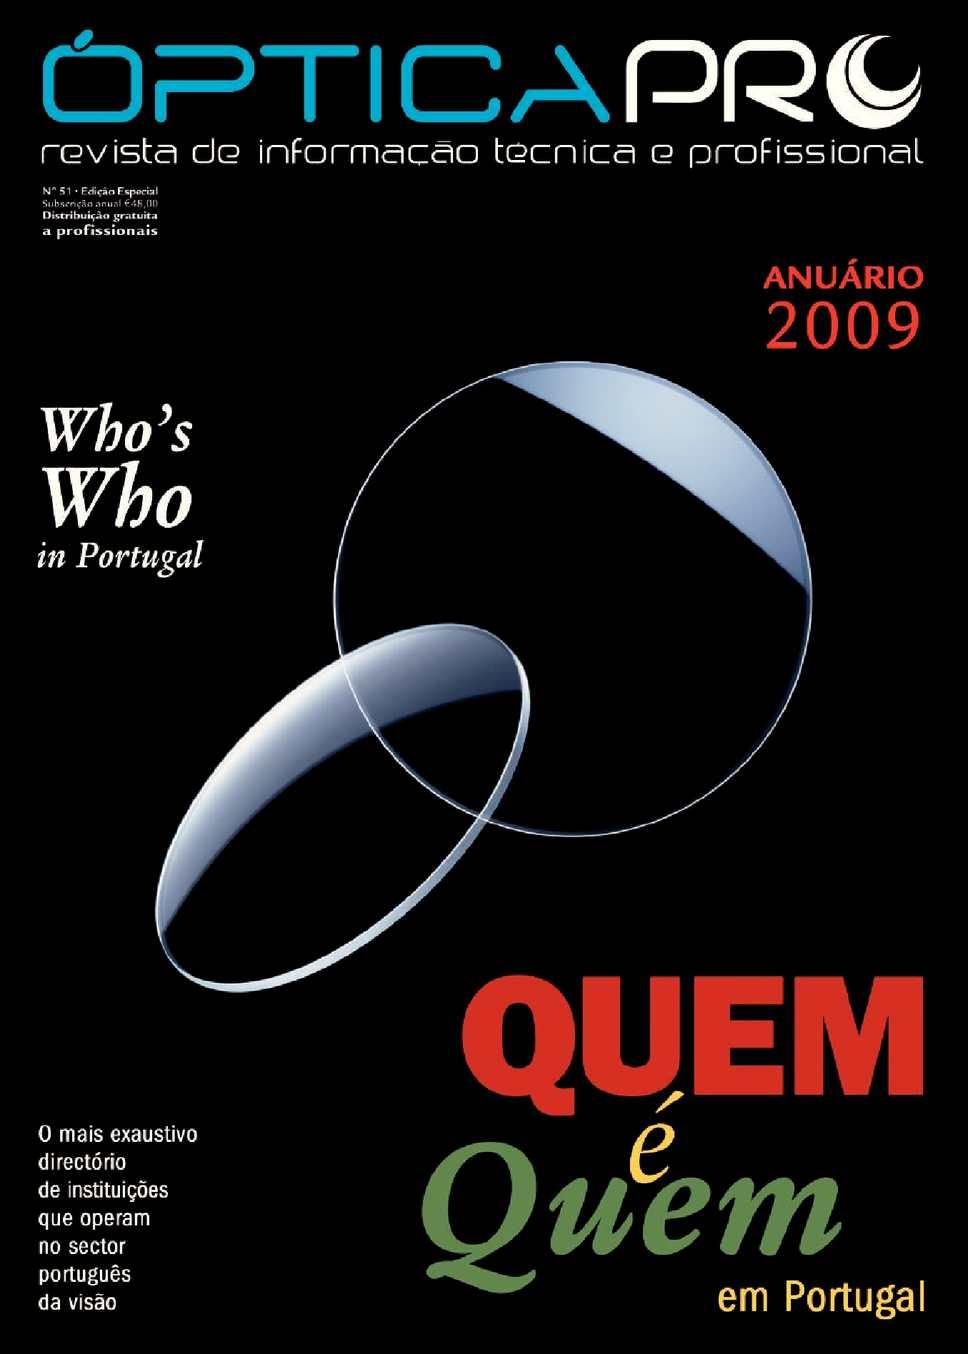 Calaméo - ÓpticaPro 51 0281092dec